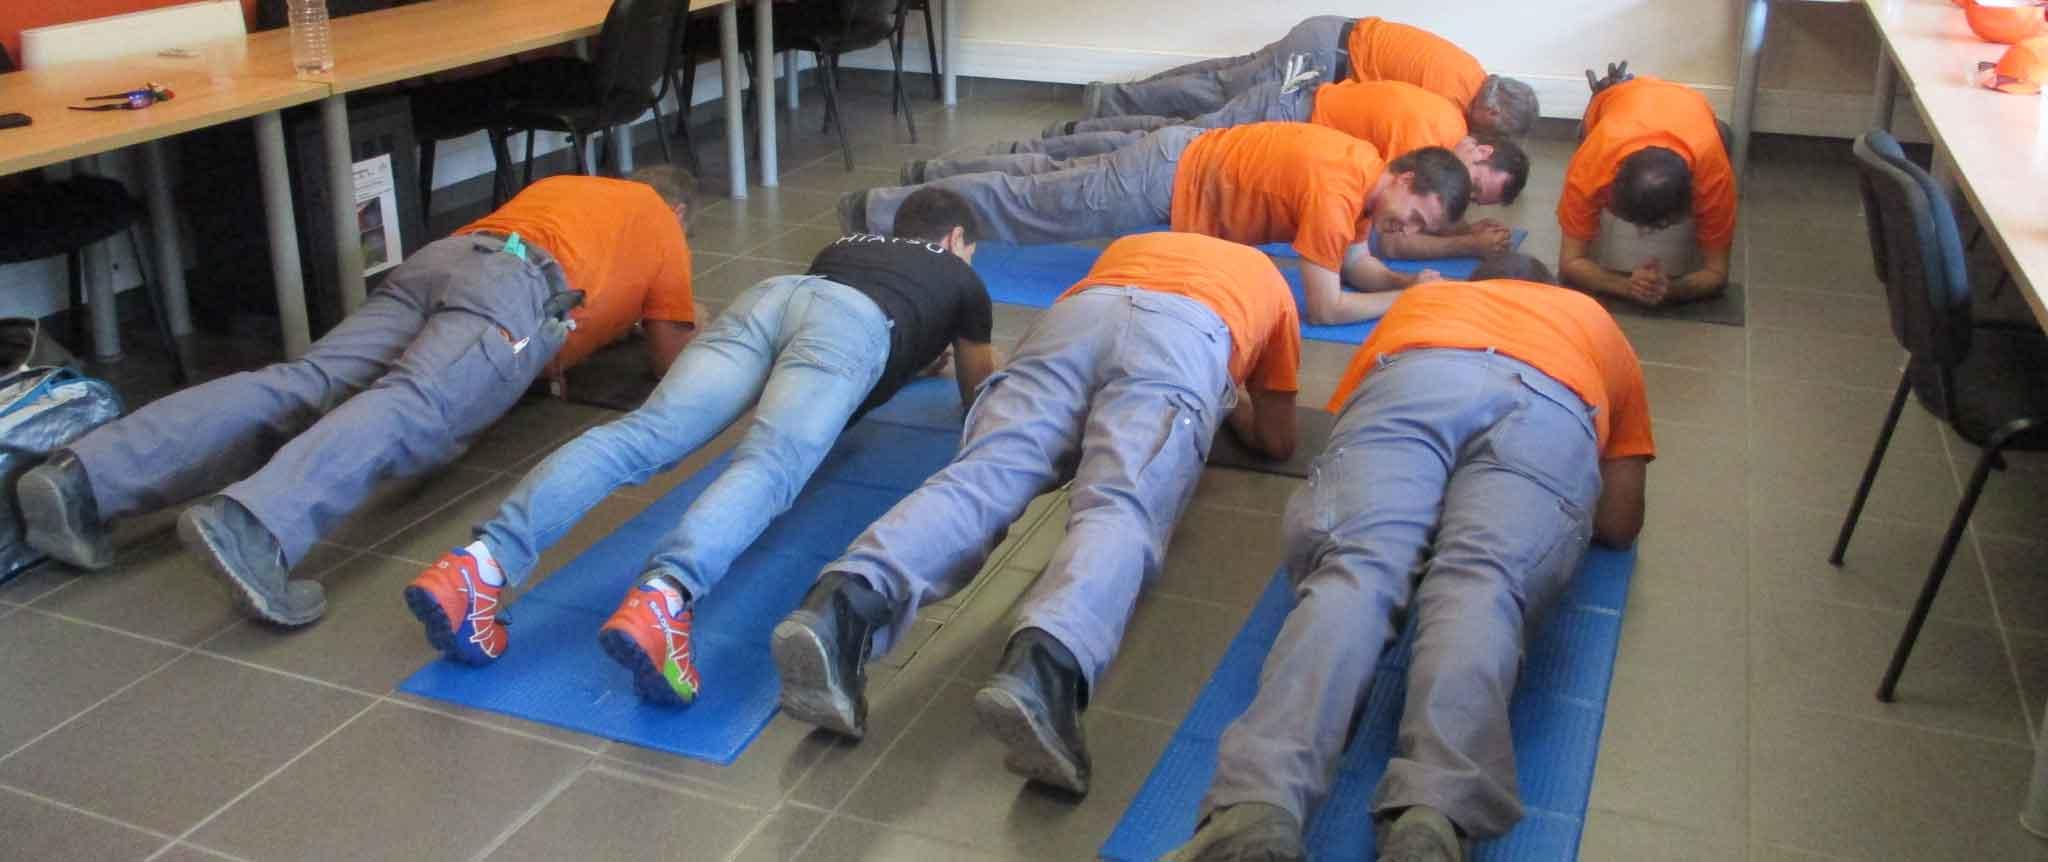 exercices réveil musculaire